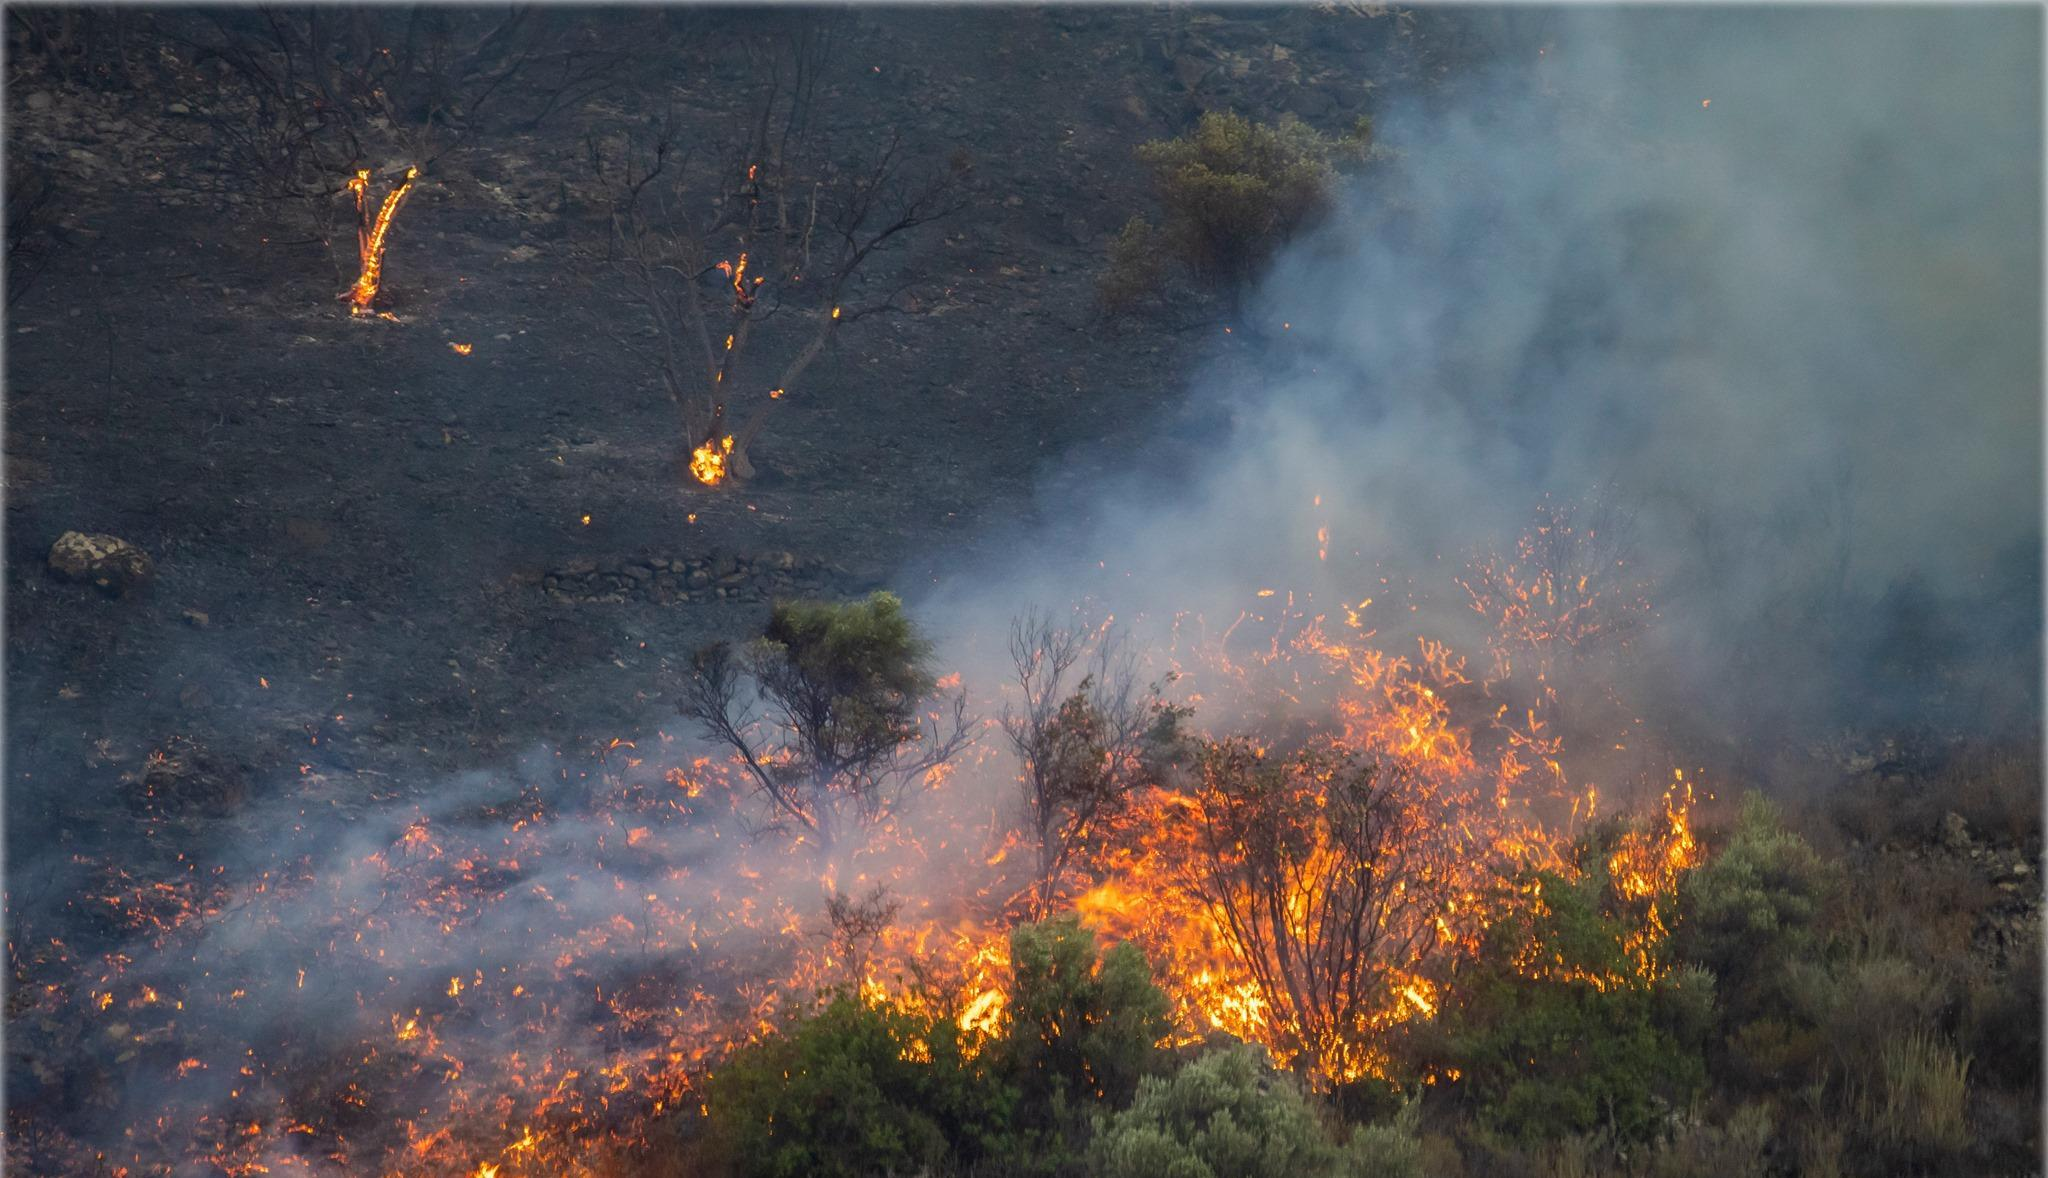 Кипр столкнулся с сильнейшим за десятилетия лесным пожаром